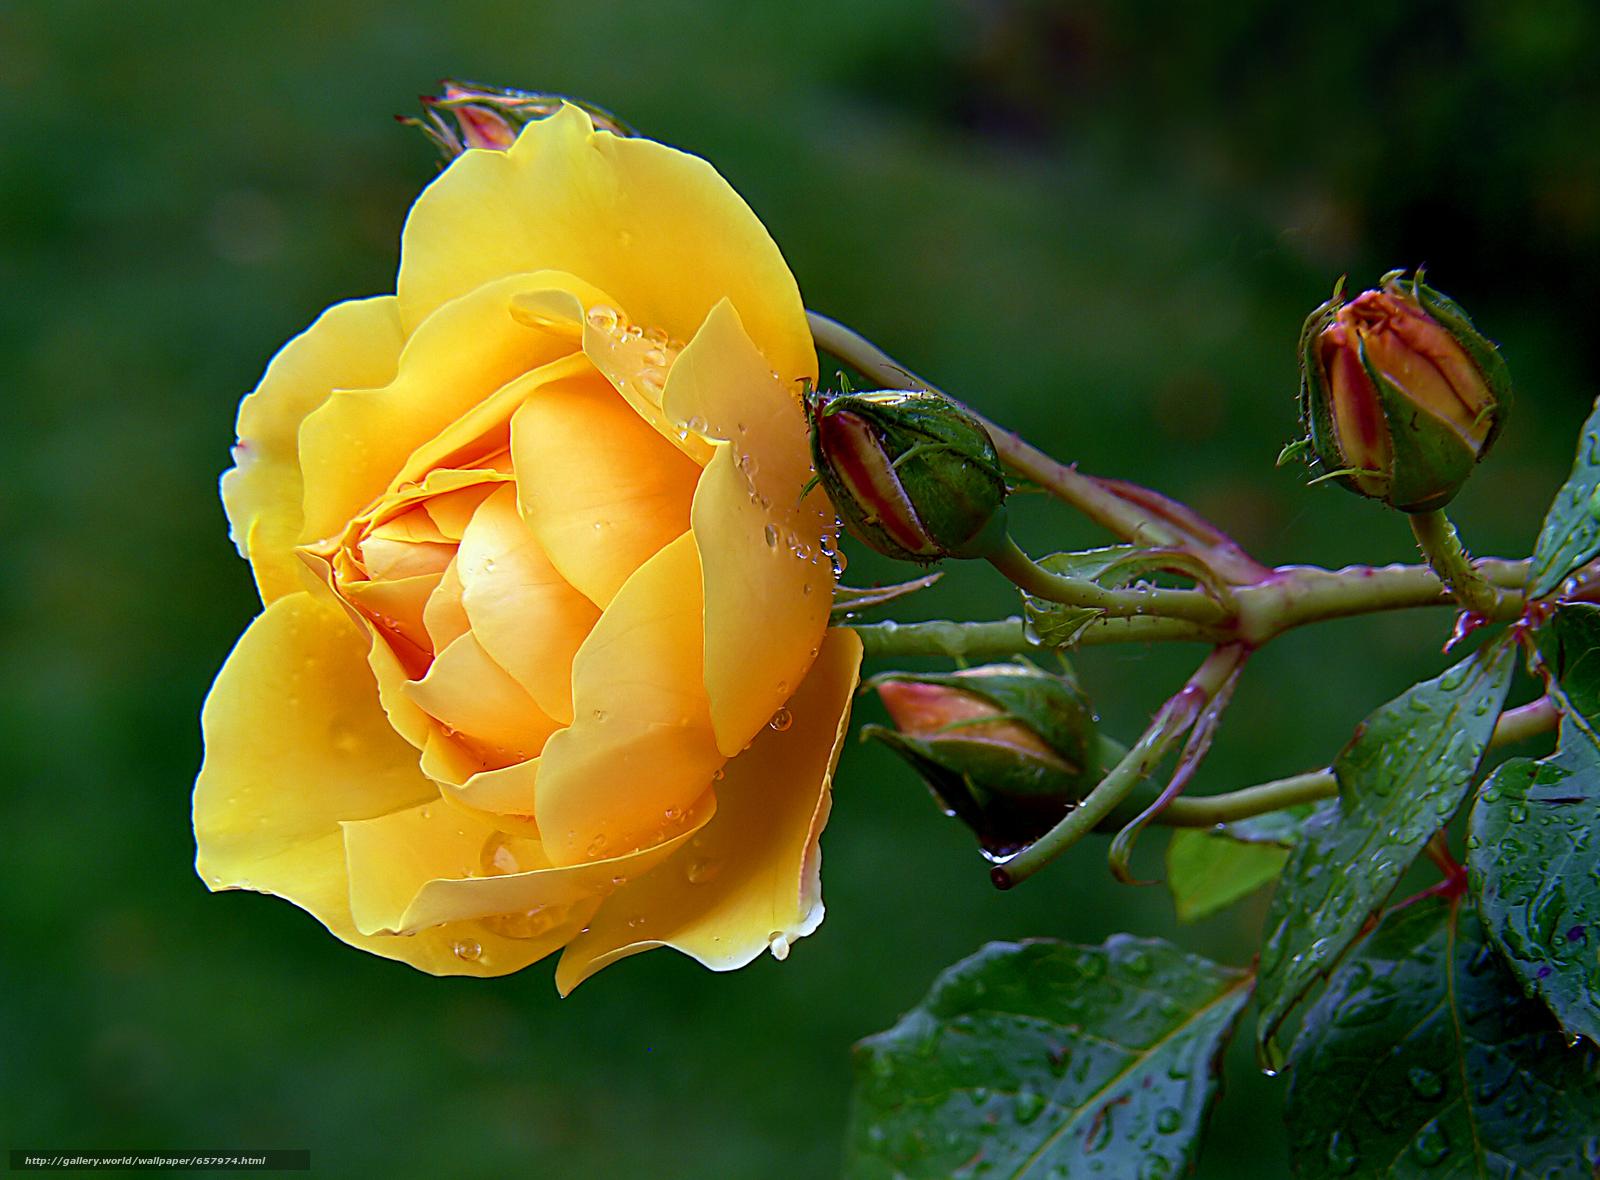 壁紙をダウンロード ローズ,  バラ,  花,  フラワーズ デスクトップの解像度のための無料壁紙 3018x2226 — 絵 №657974